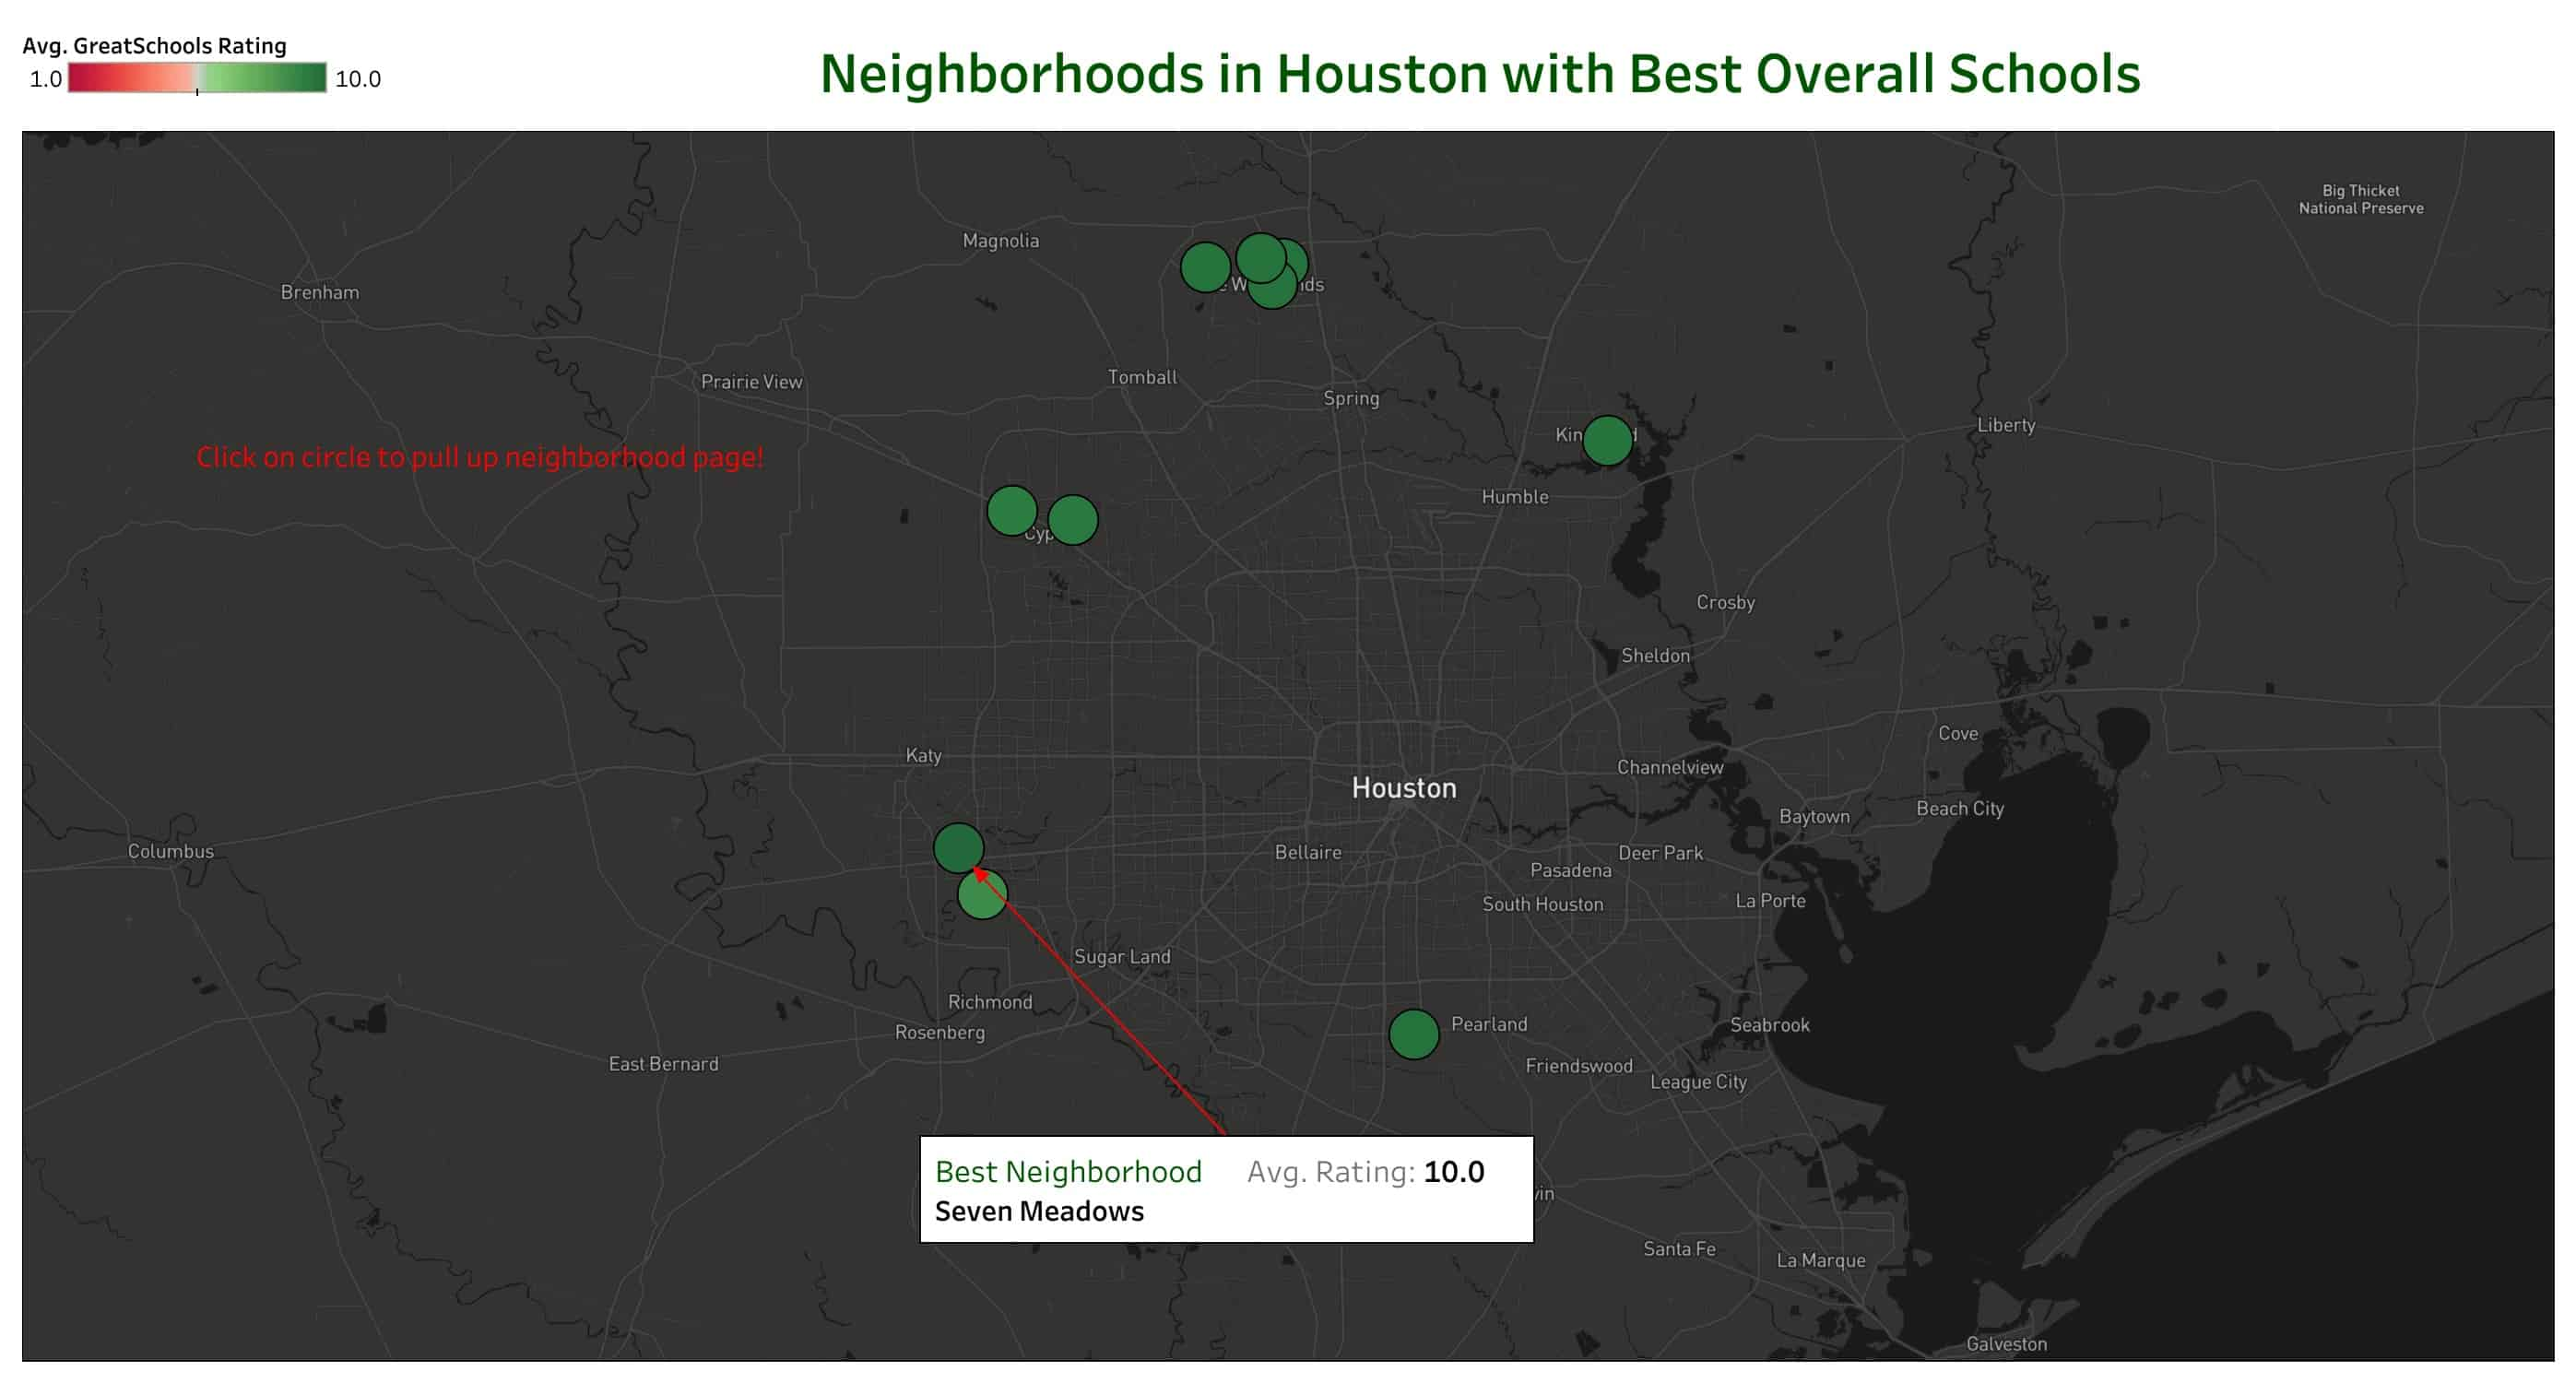 houston top neighborhoods best schools